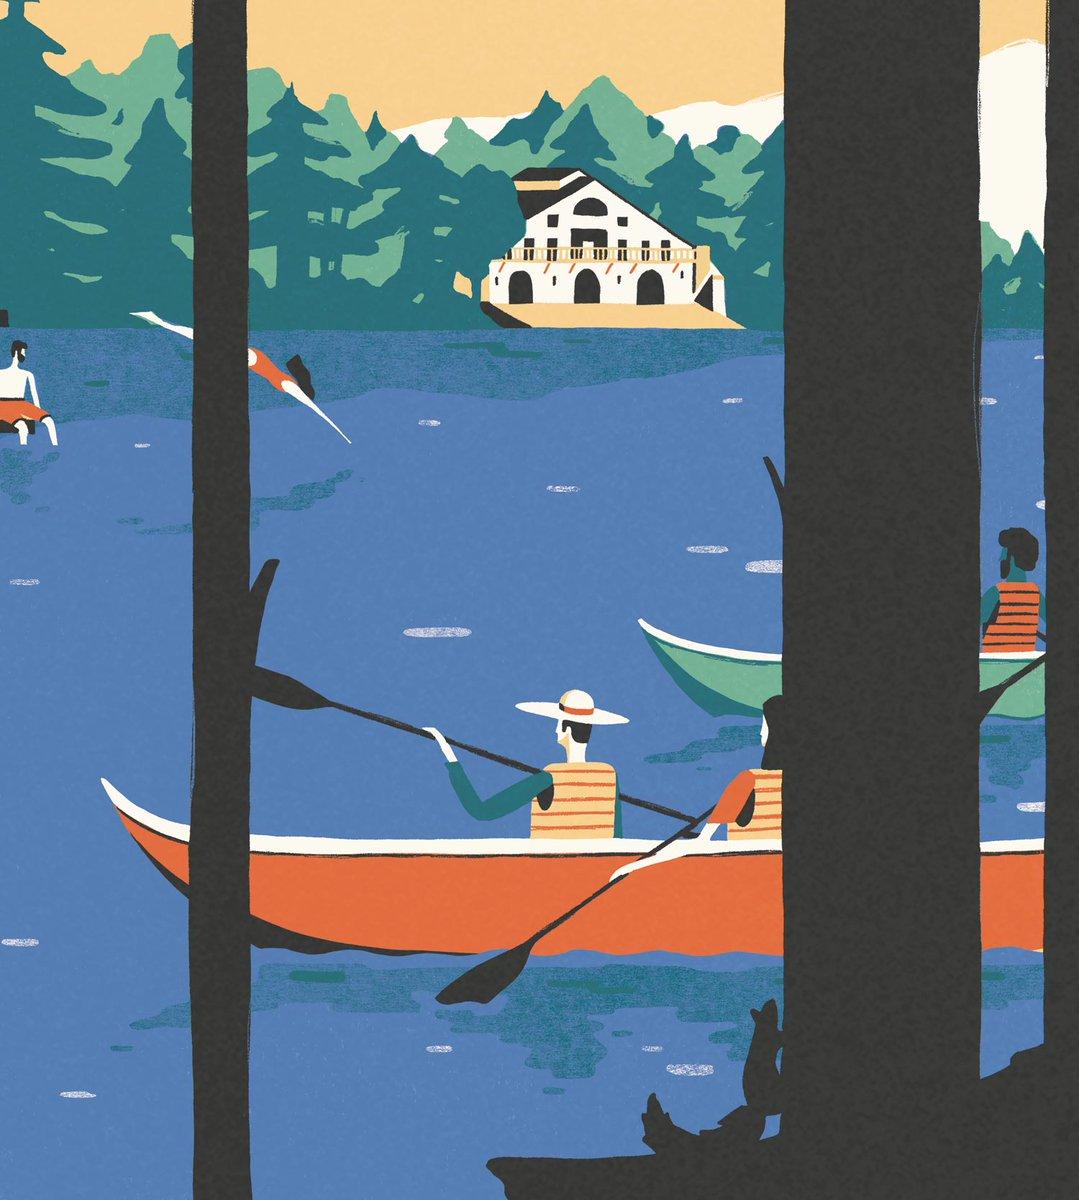 David Doran trasforma idee in bellissime illustrazioni | Collater.al 22